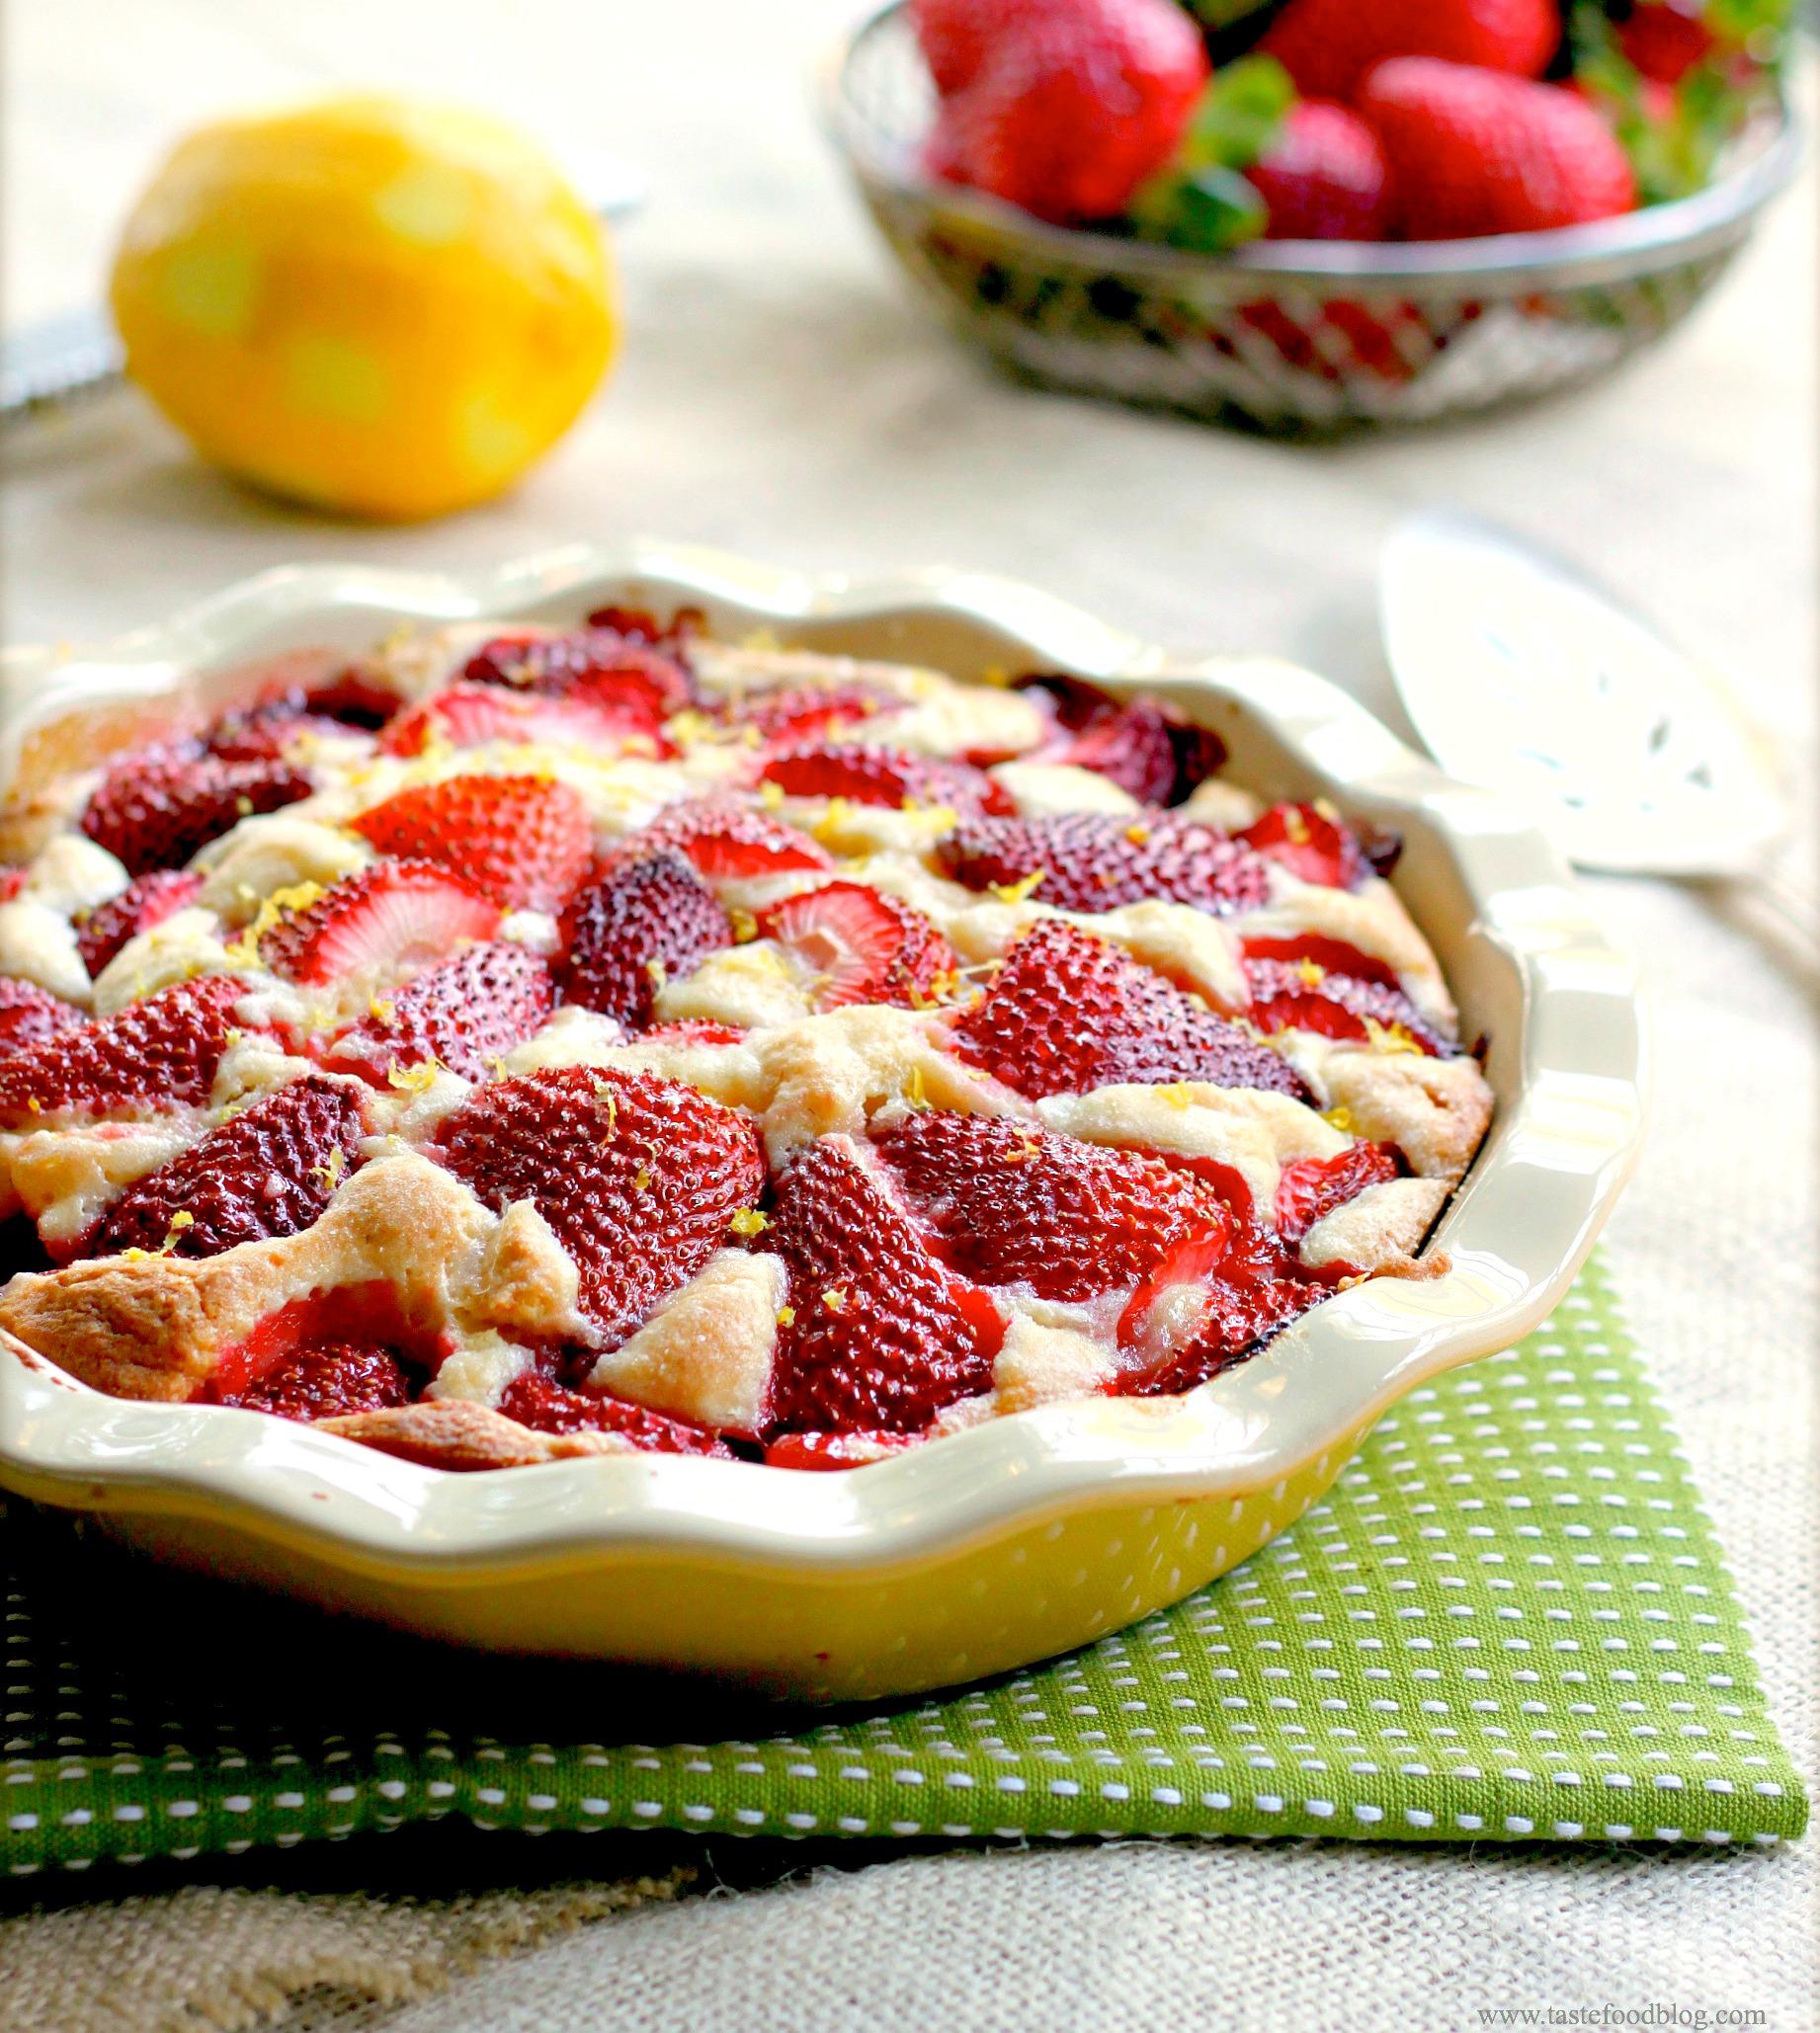 Strawberry Cake Recipe Using Cake Mix And Fresh Strawberries